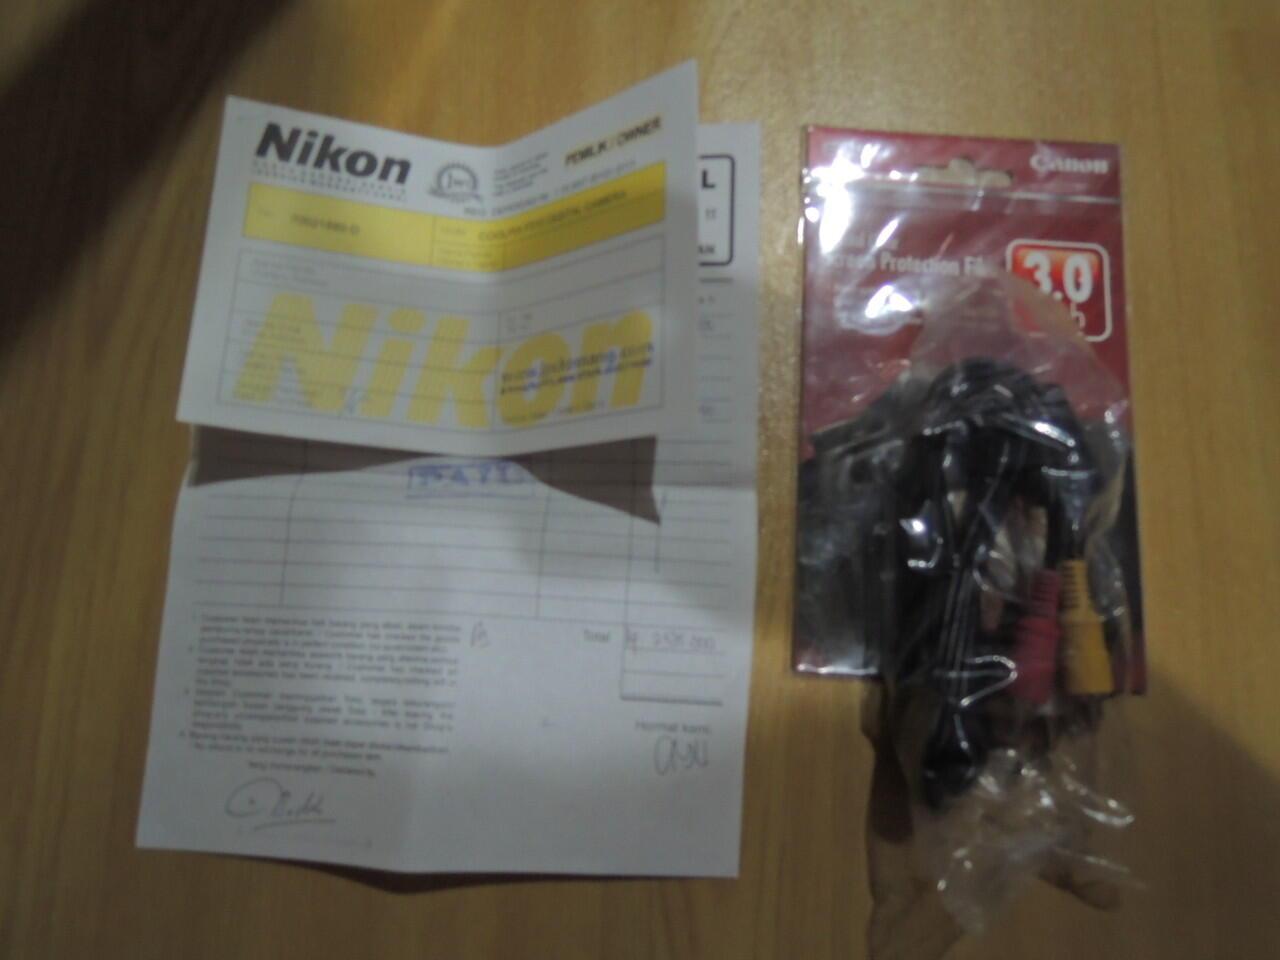 Jual Nikon Coolpix P310